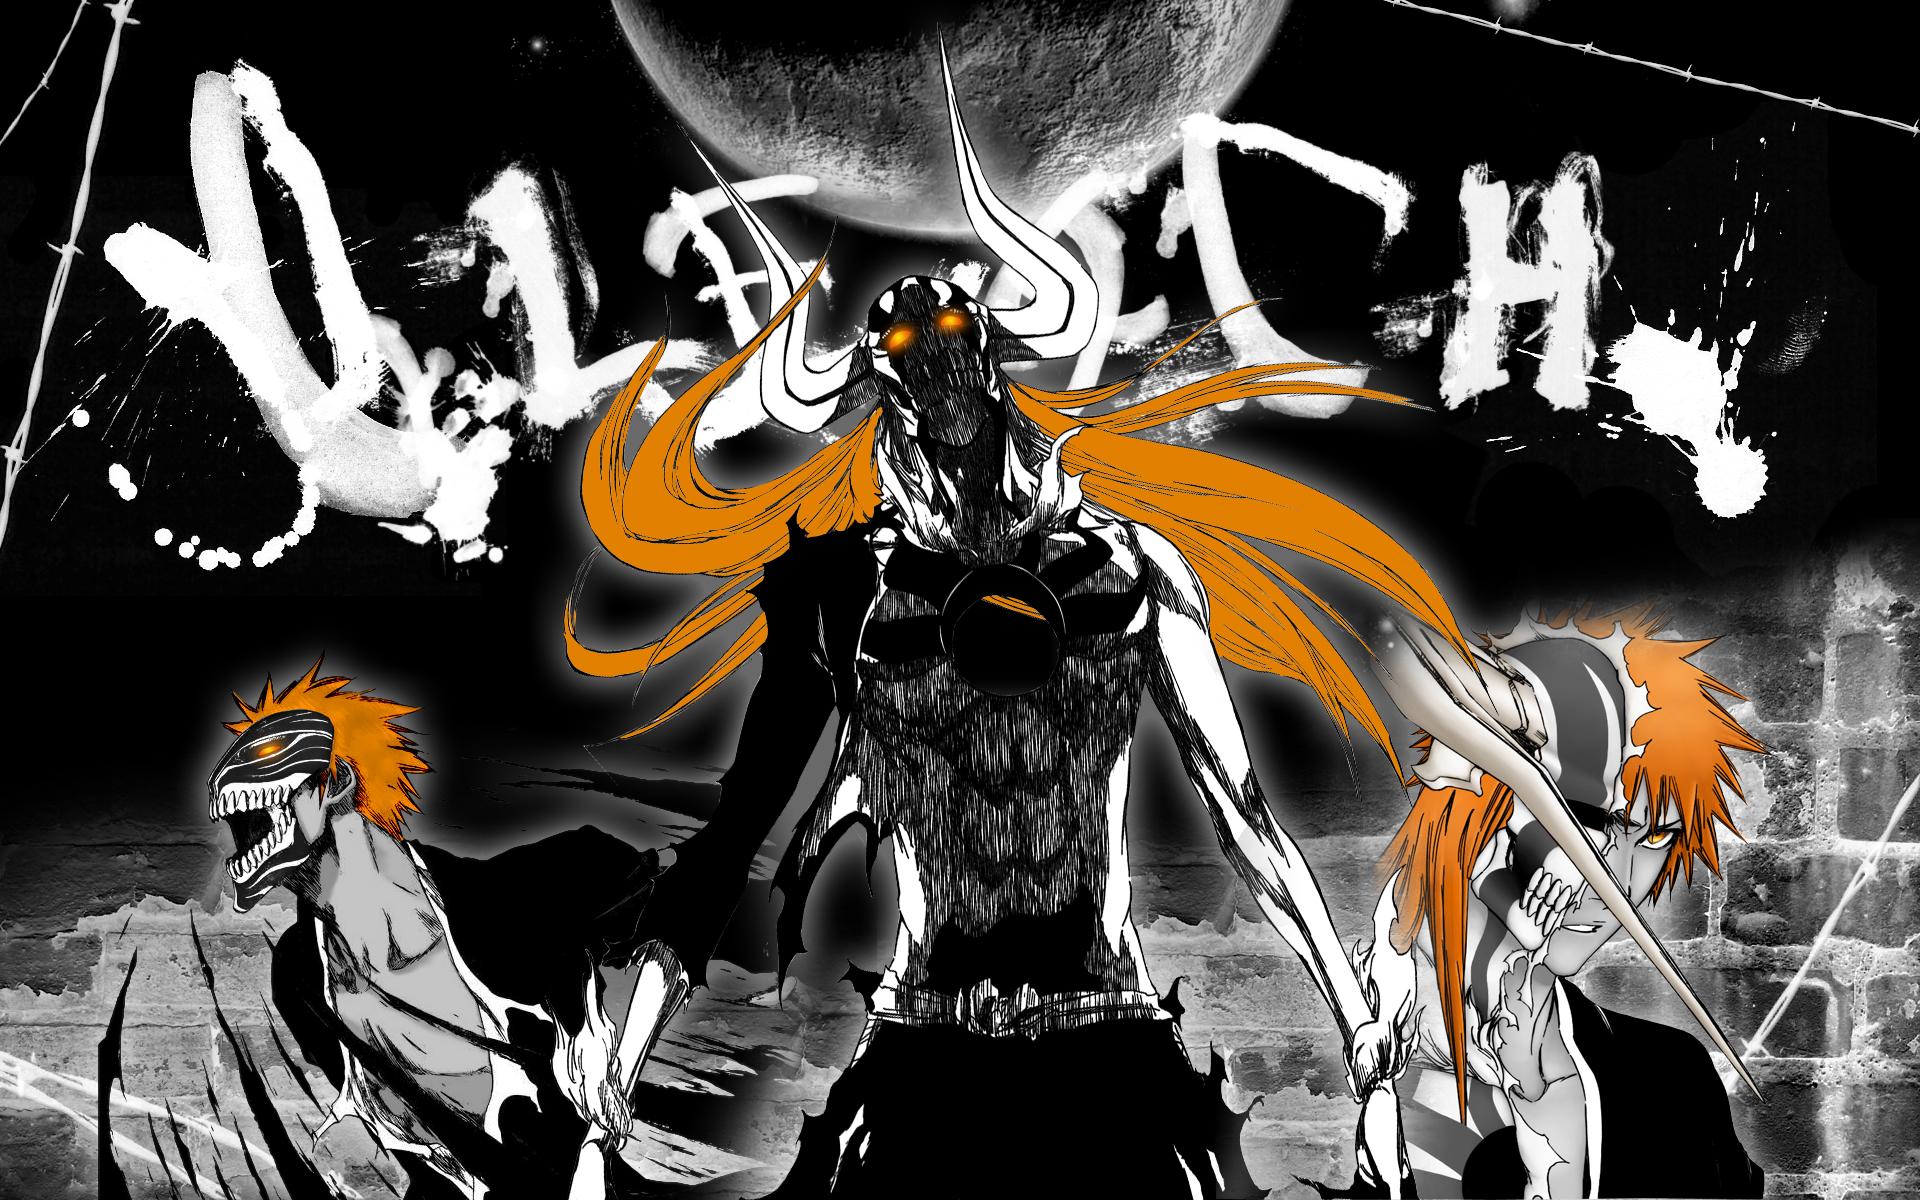 Bleach Kurosaki Ichigo Hollow Selective Coloring